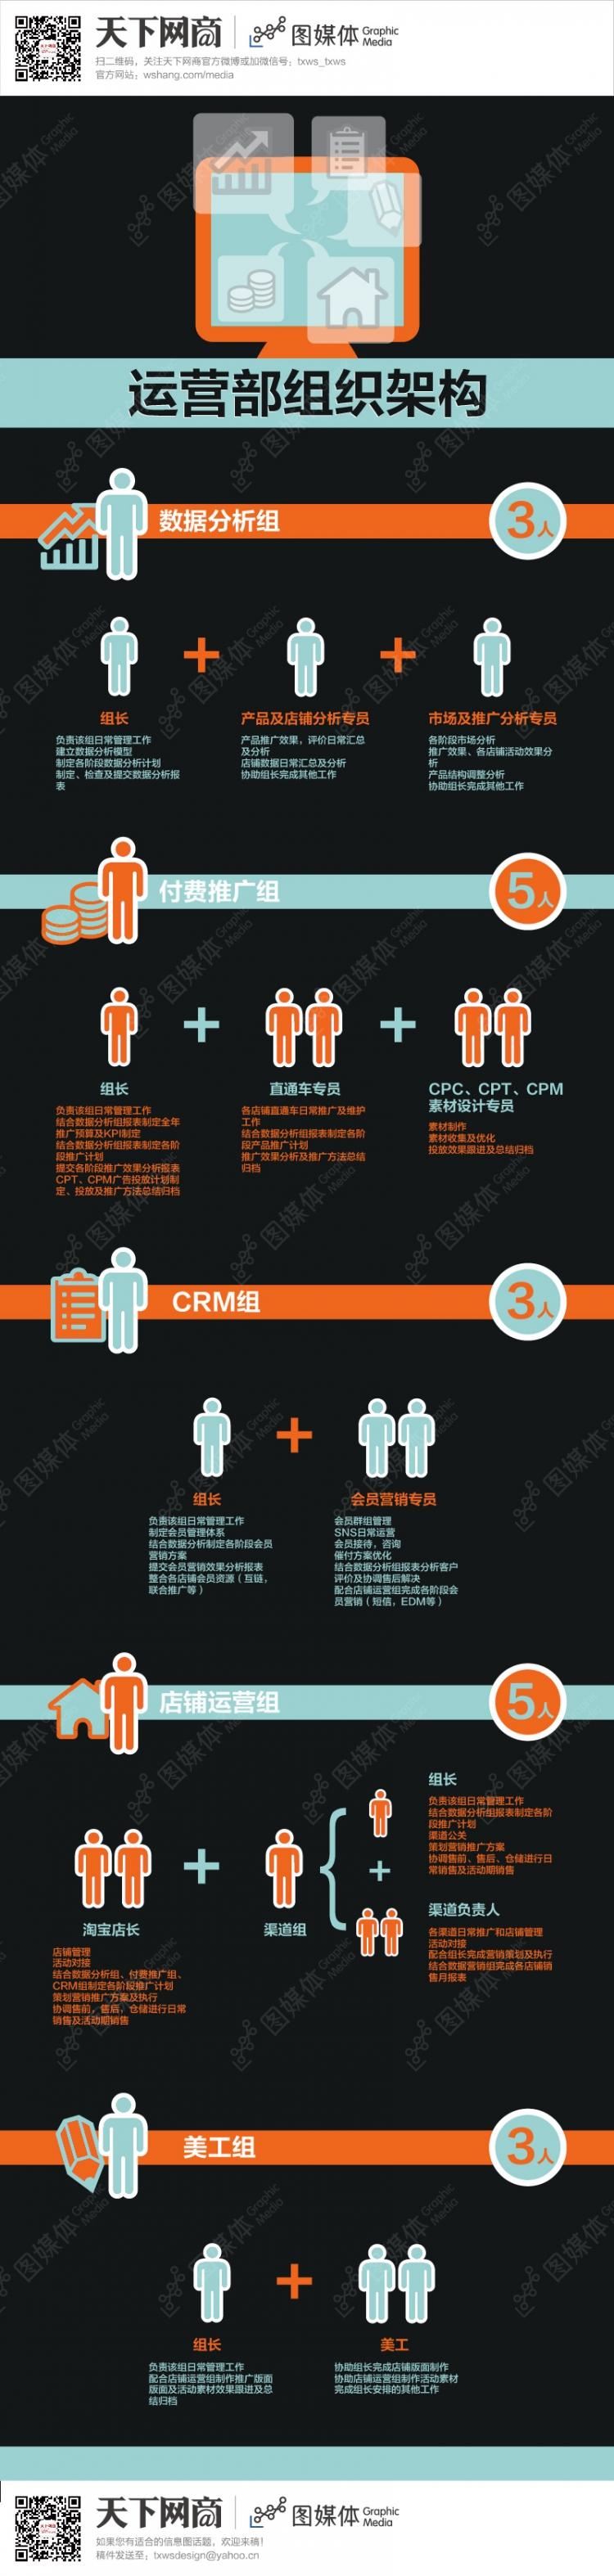 电子商务运营部组织架构